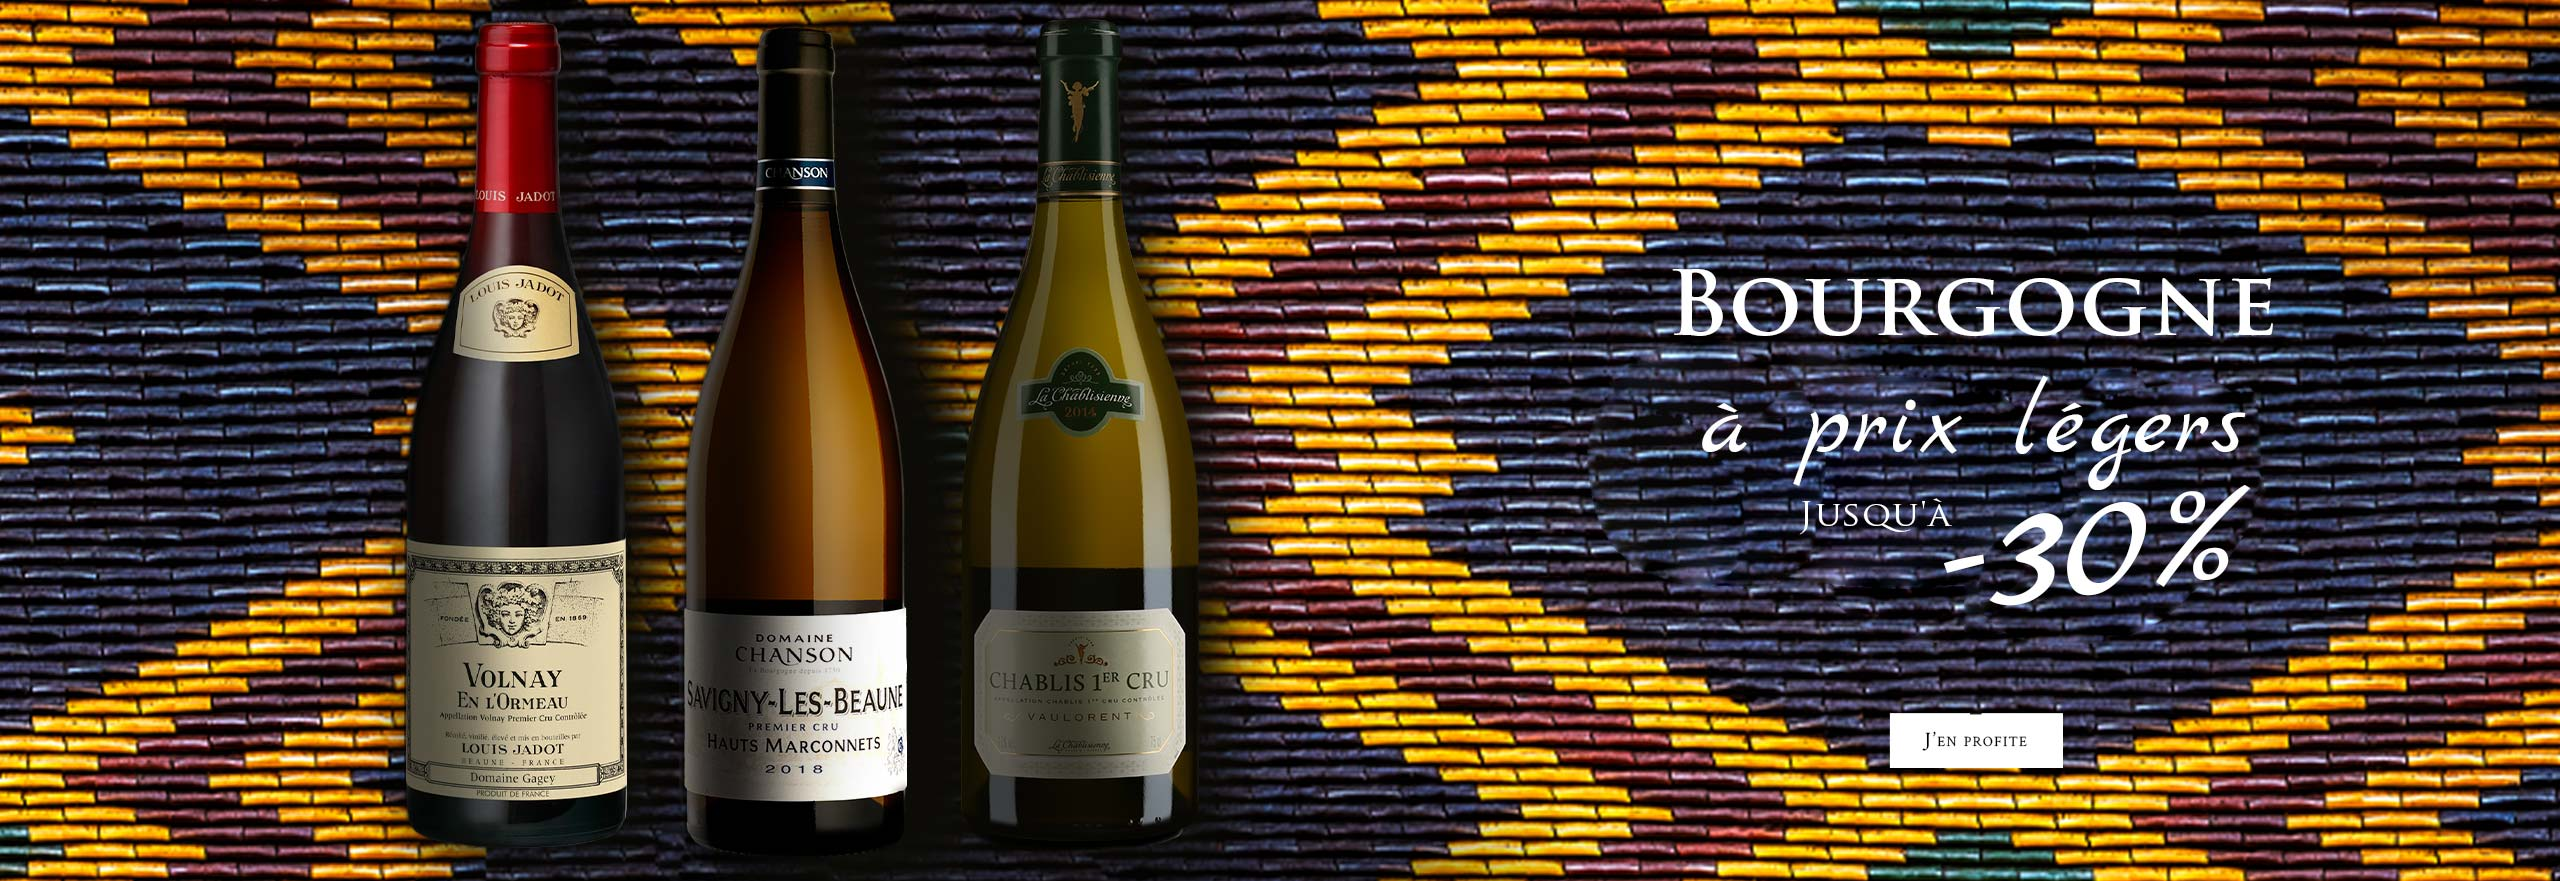 Prix légers Bourgogne : Jusqu'à 30% de réduction pour bien commencer l'automne